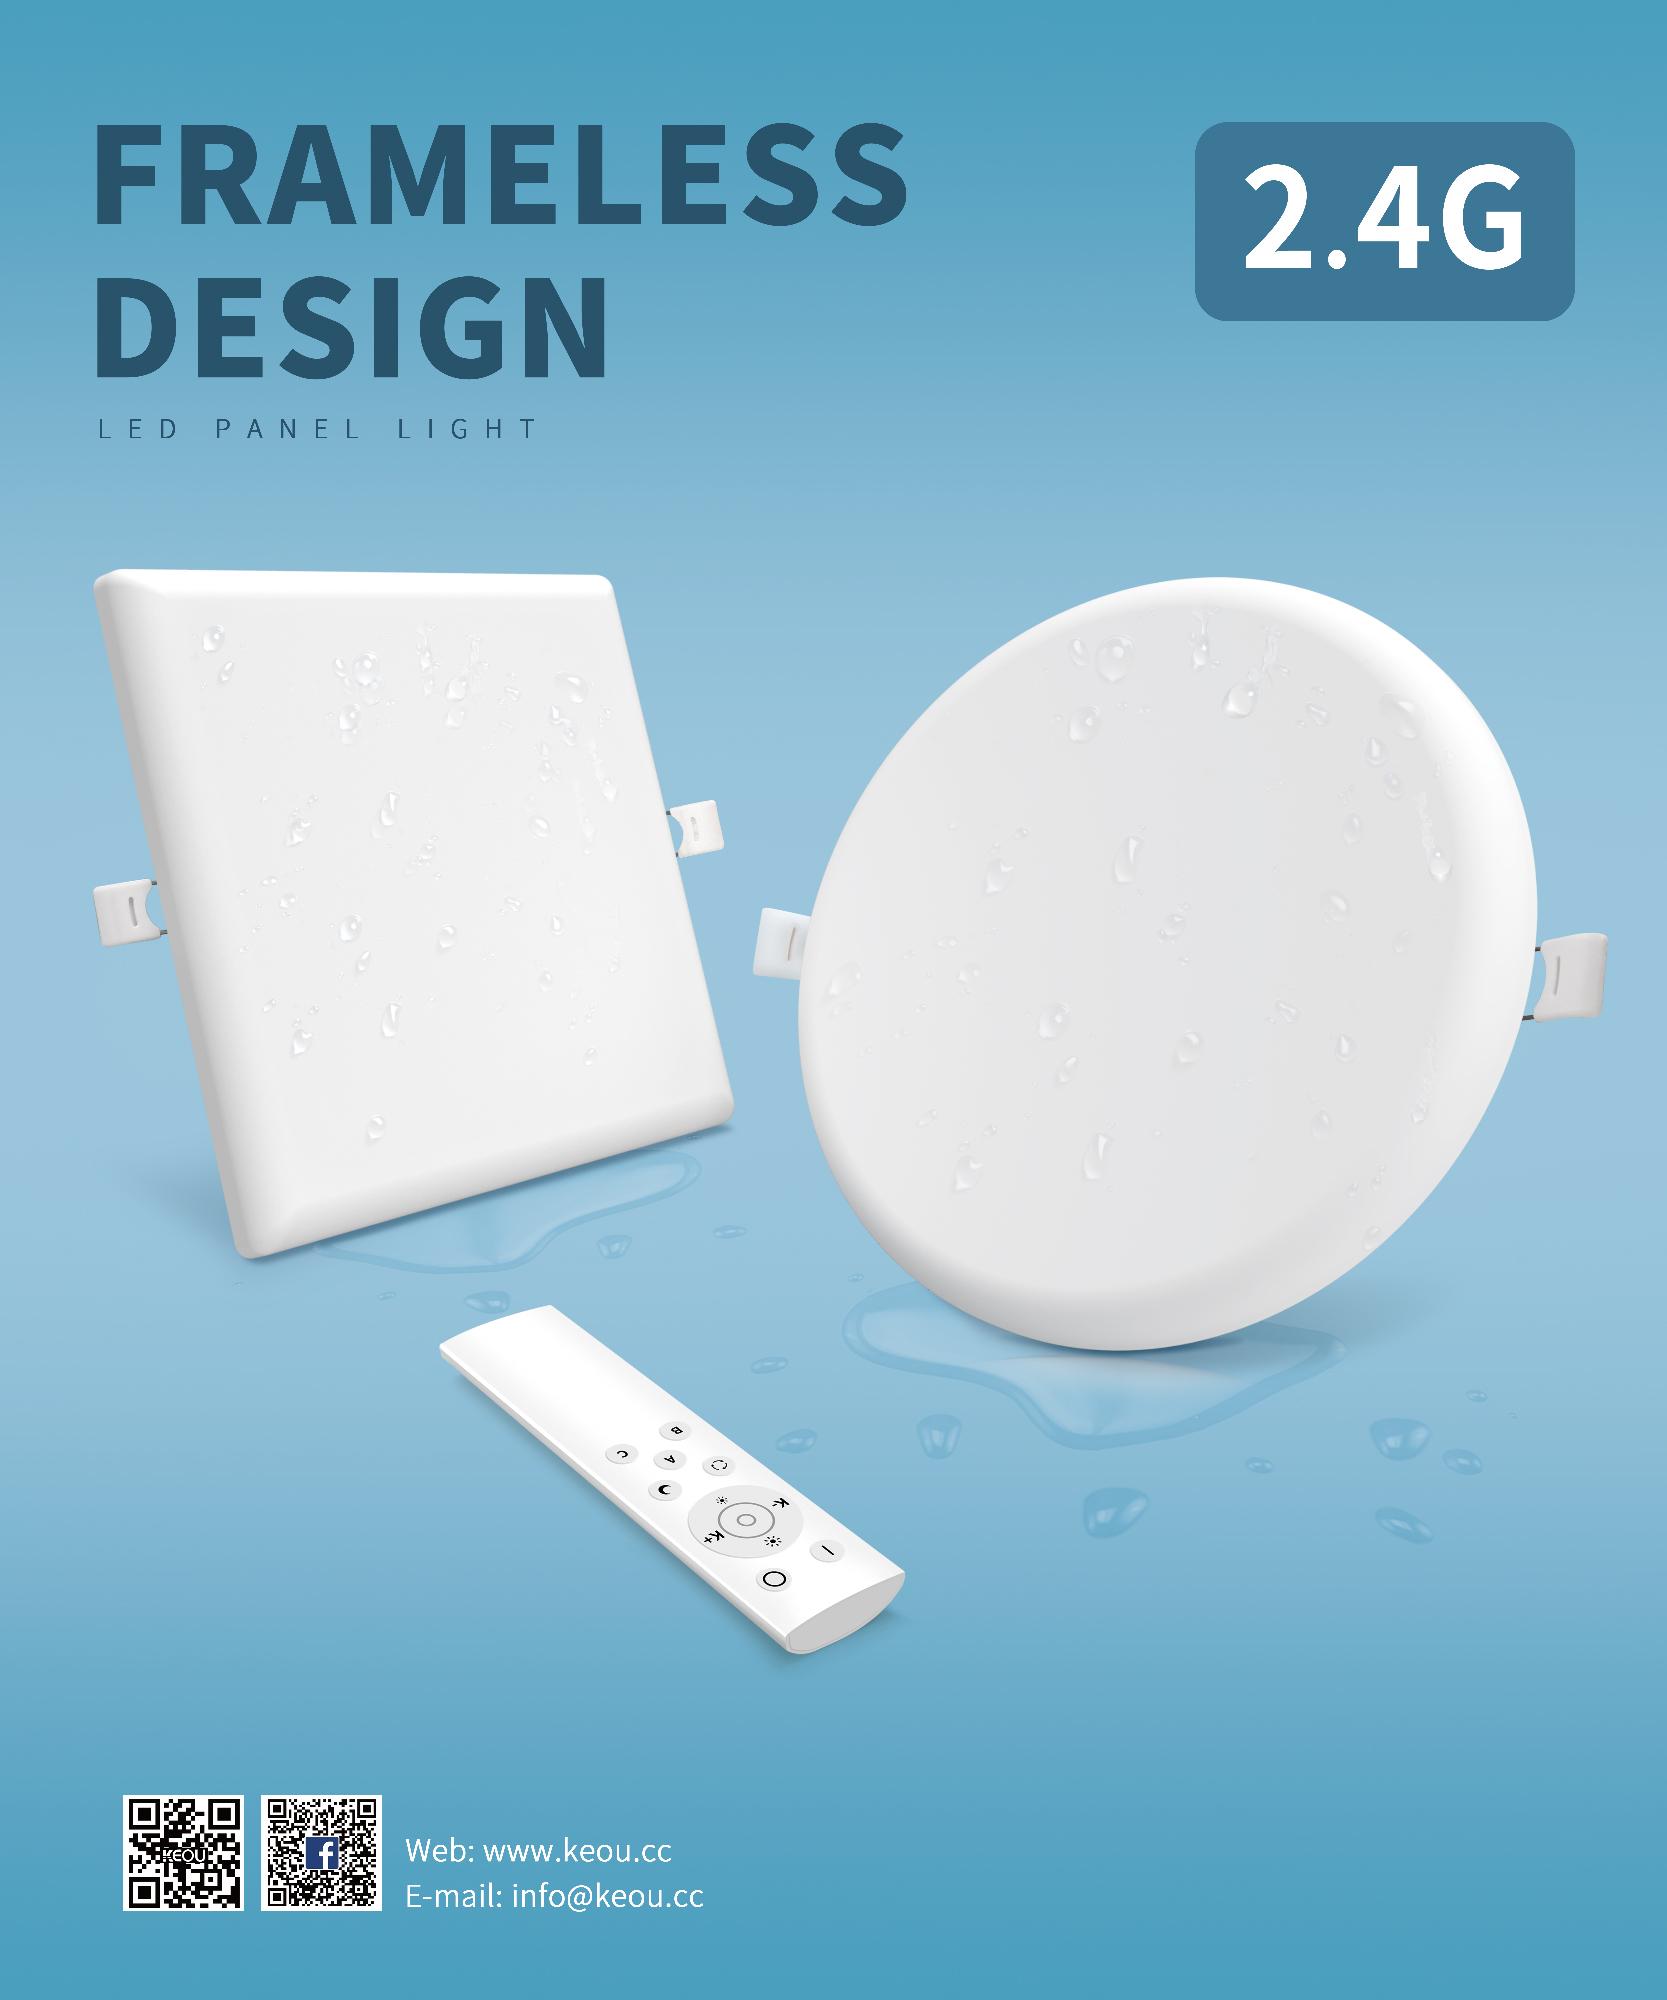 frameless led light manufacturer